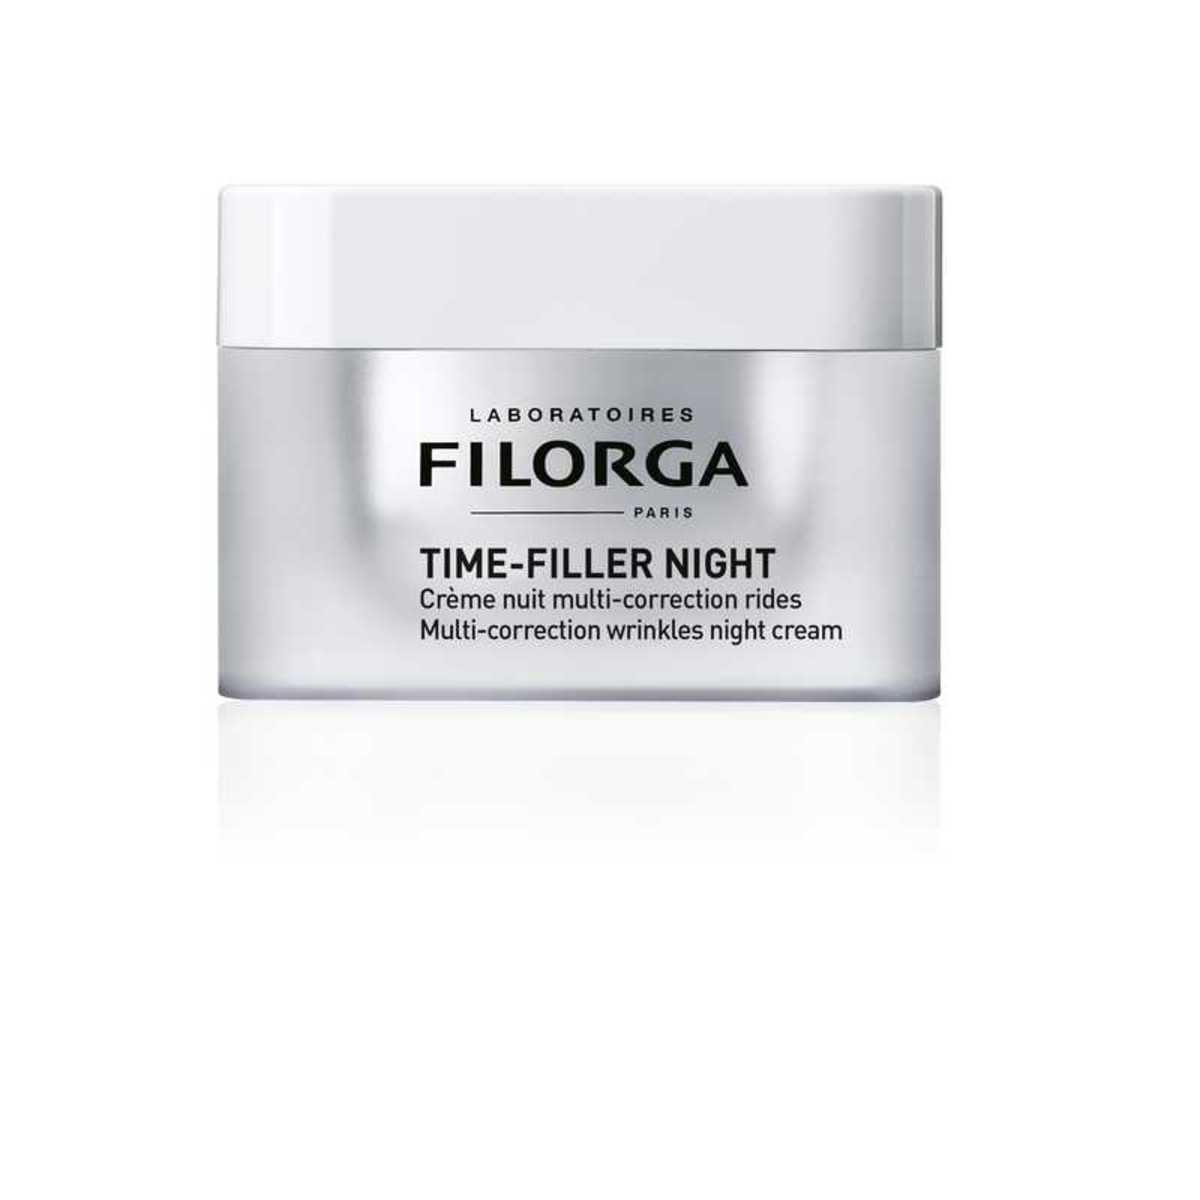 FILORGA TIME FILLER NIGHT CREMA 50 ML